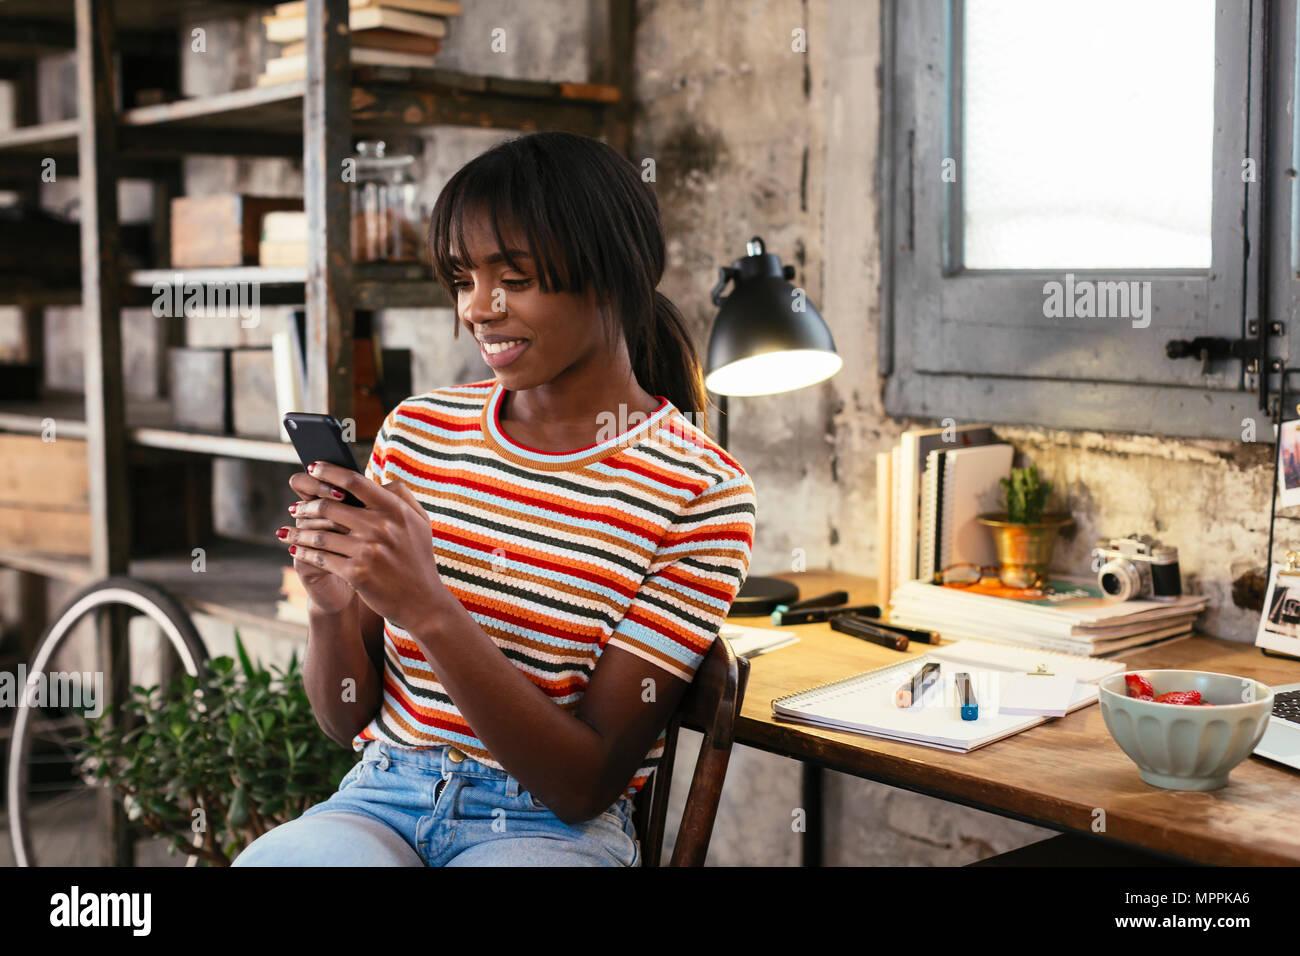 Sorridente giovane donna seduta di fronte a scrivania in un loft guardando al telefono cellulare Immagini Stock